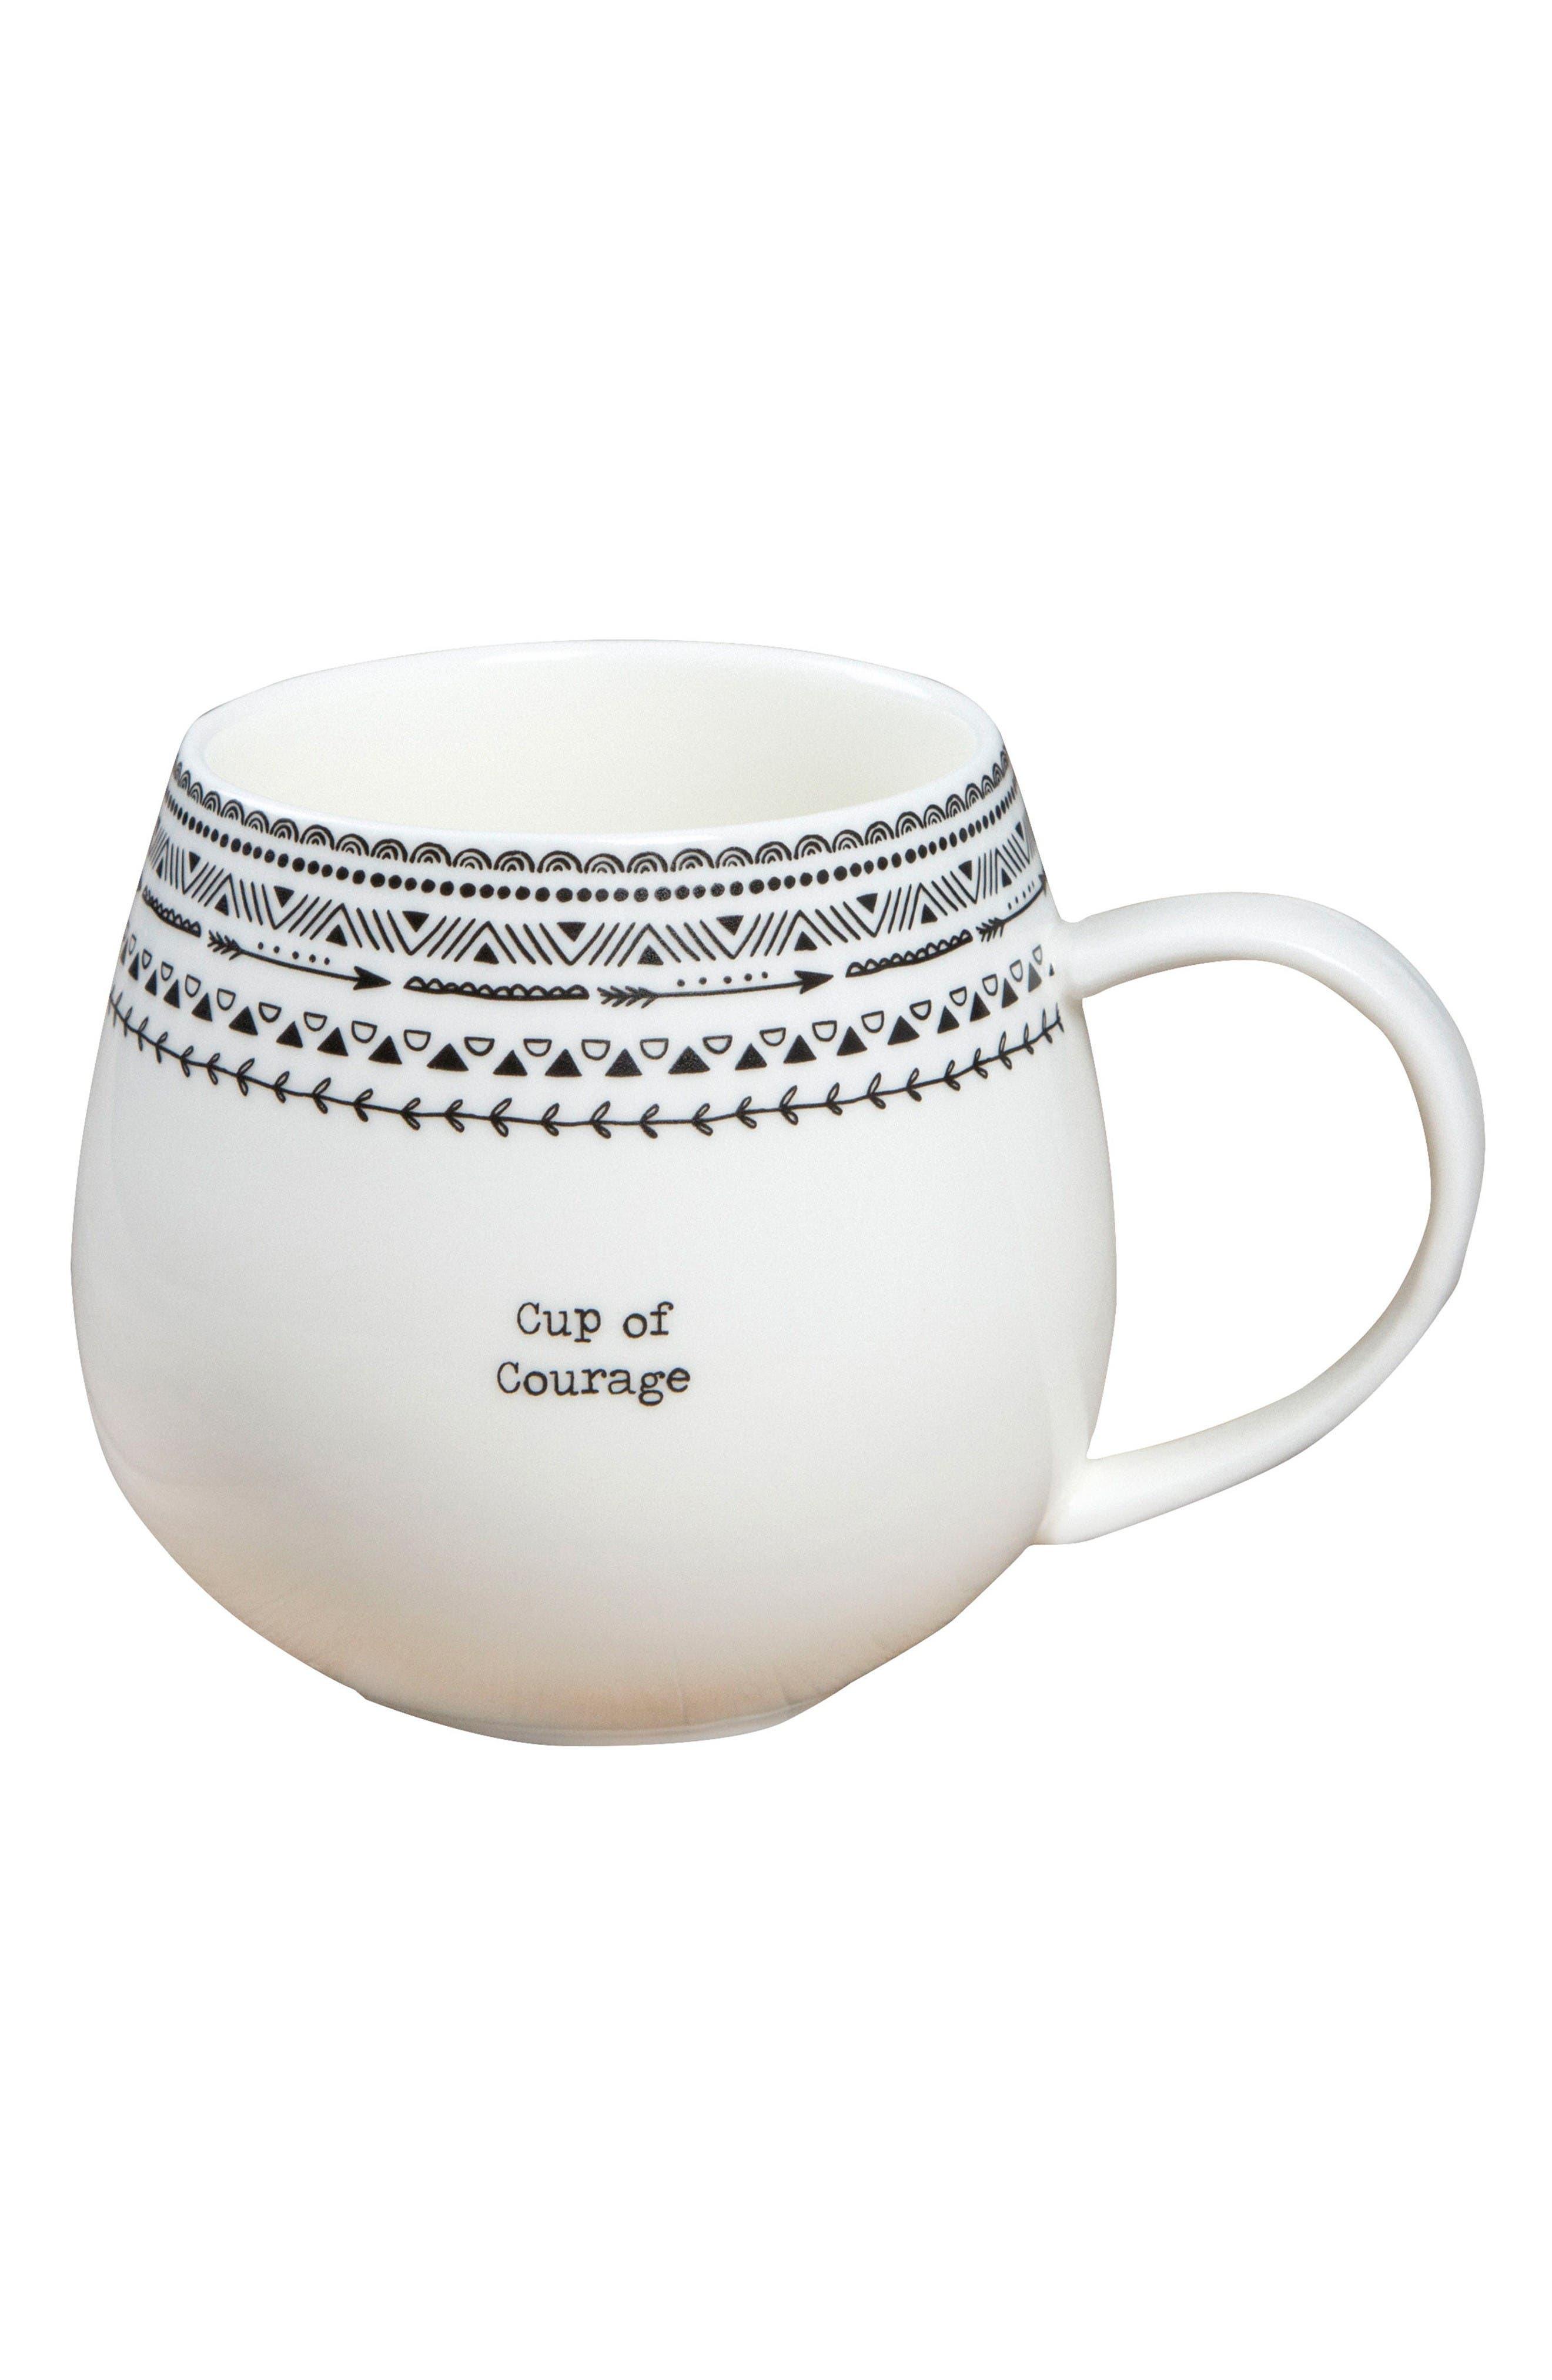 Alternate Image 1 Selected - Natural Life 'Cup Of' Ceramic Mug